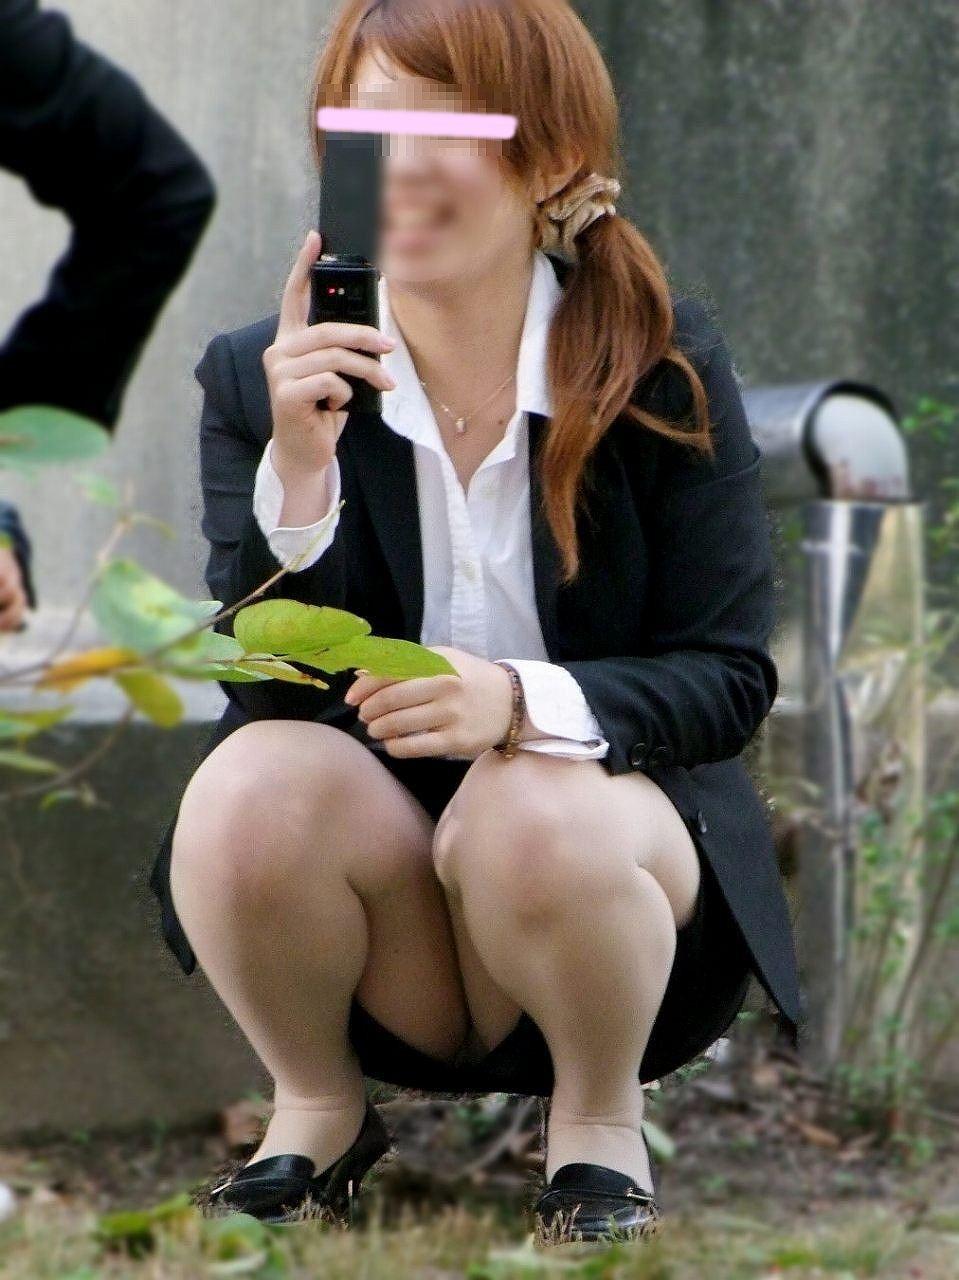 応援したくなる就職活動中のリクルートスーツお姉さんエロ画像1枚目